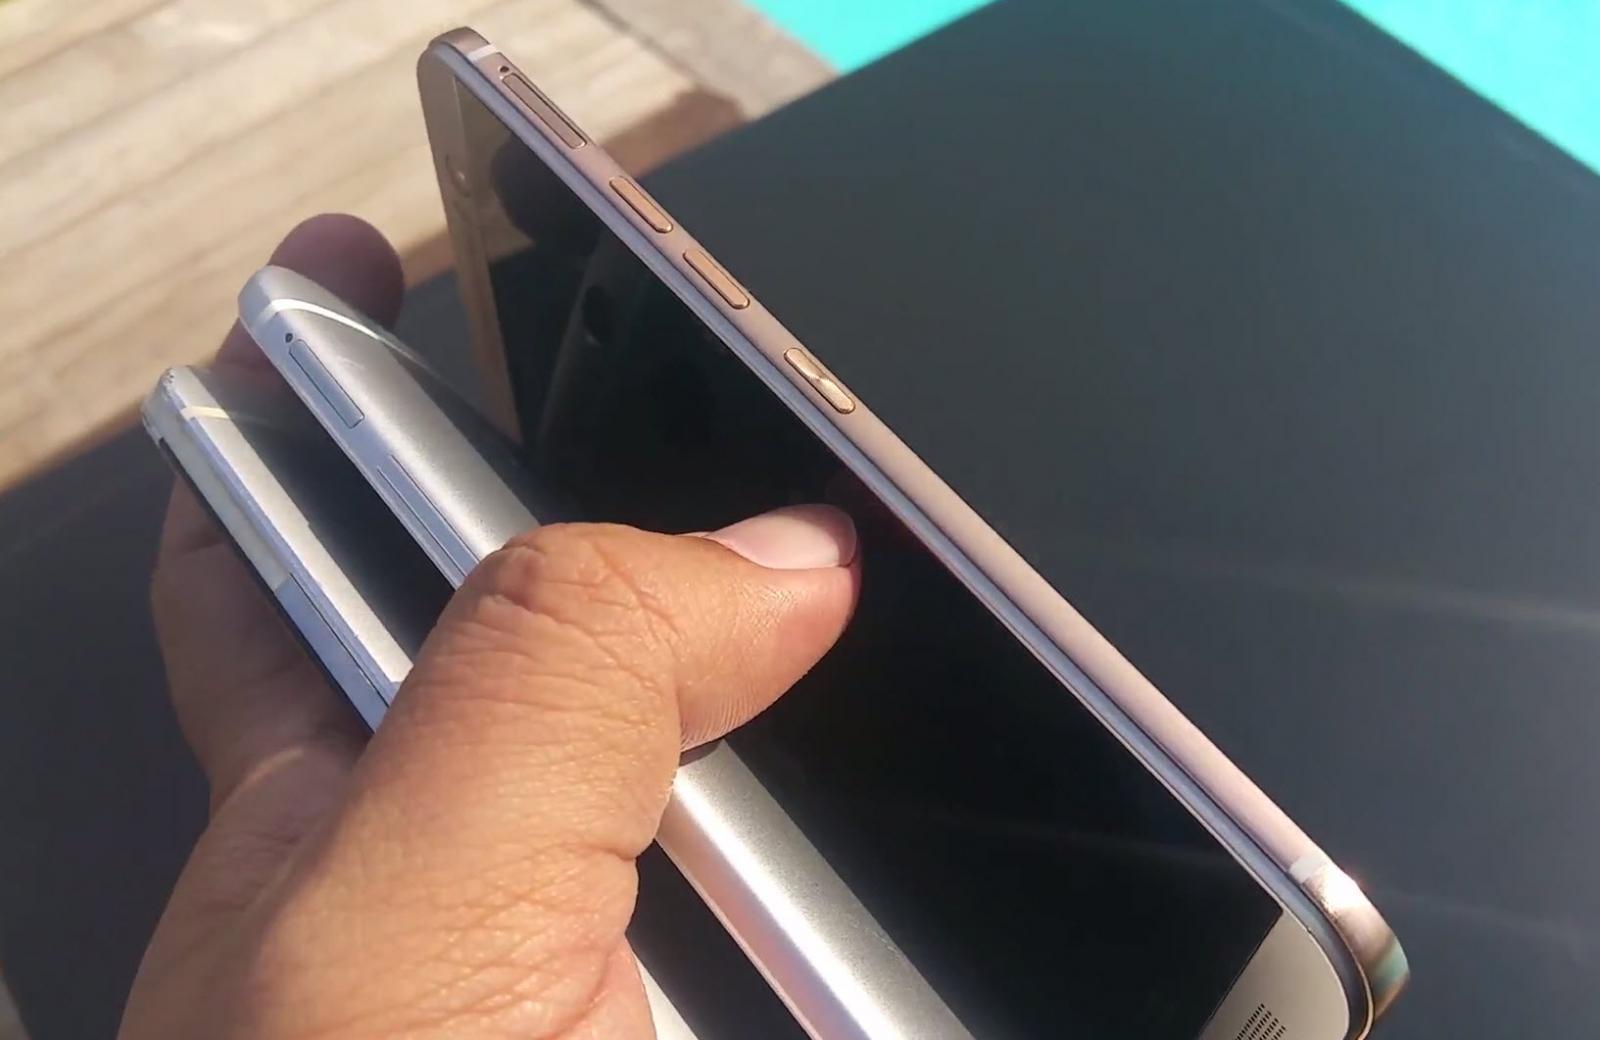 HTC One M9 comparat cu One M8 şi M7 într-un hands on video rapid (Video)